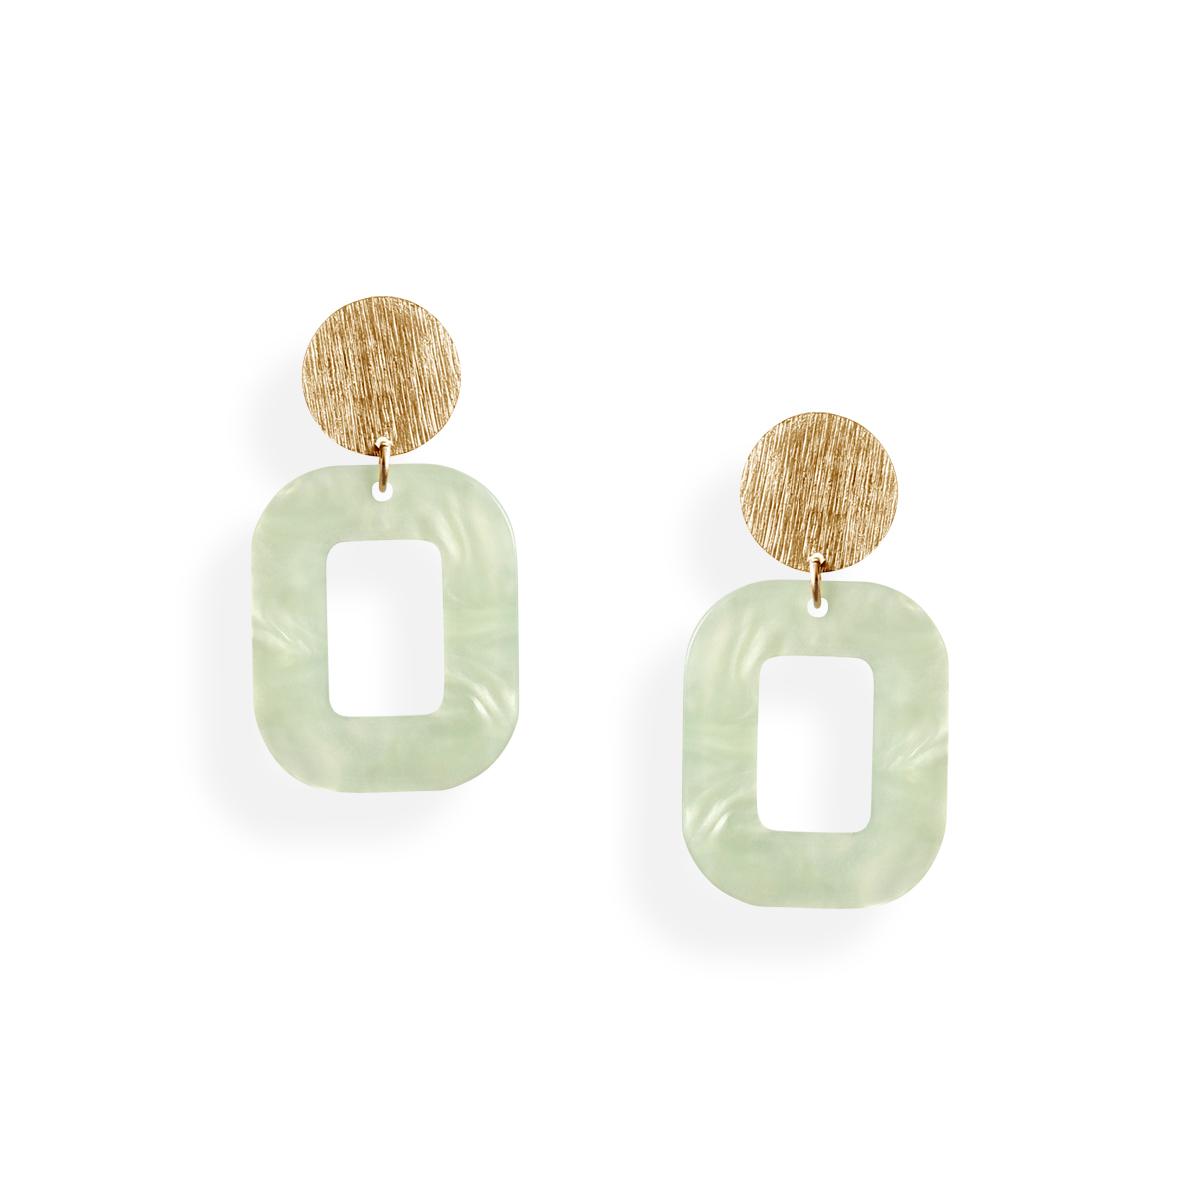 pastelgrøn-baby-rosa-øreringe-persuede-store-jewellery-københavn-forgyldt-sølv.jpg